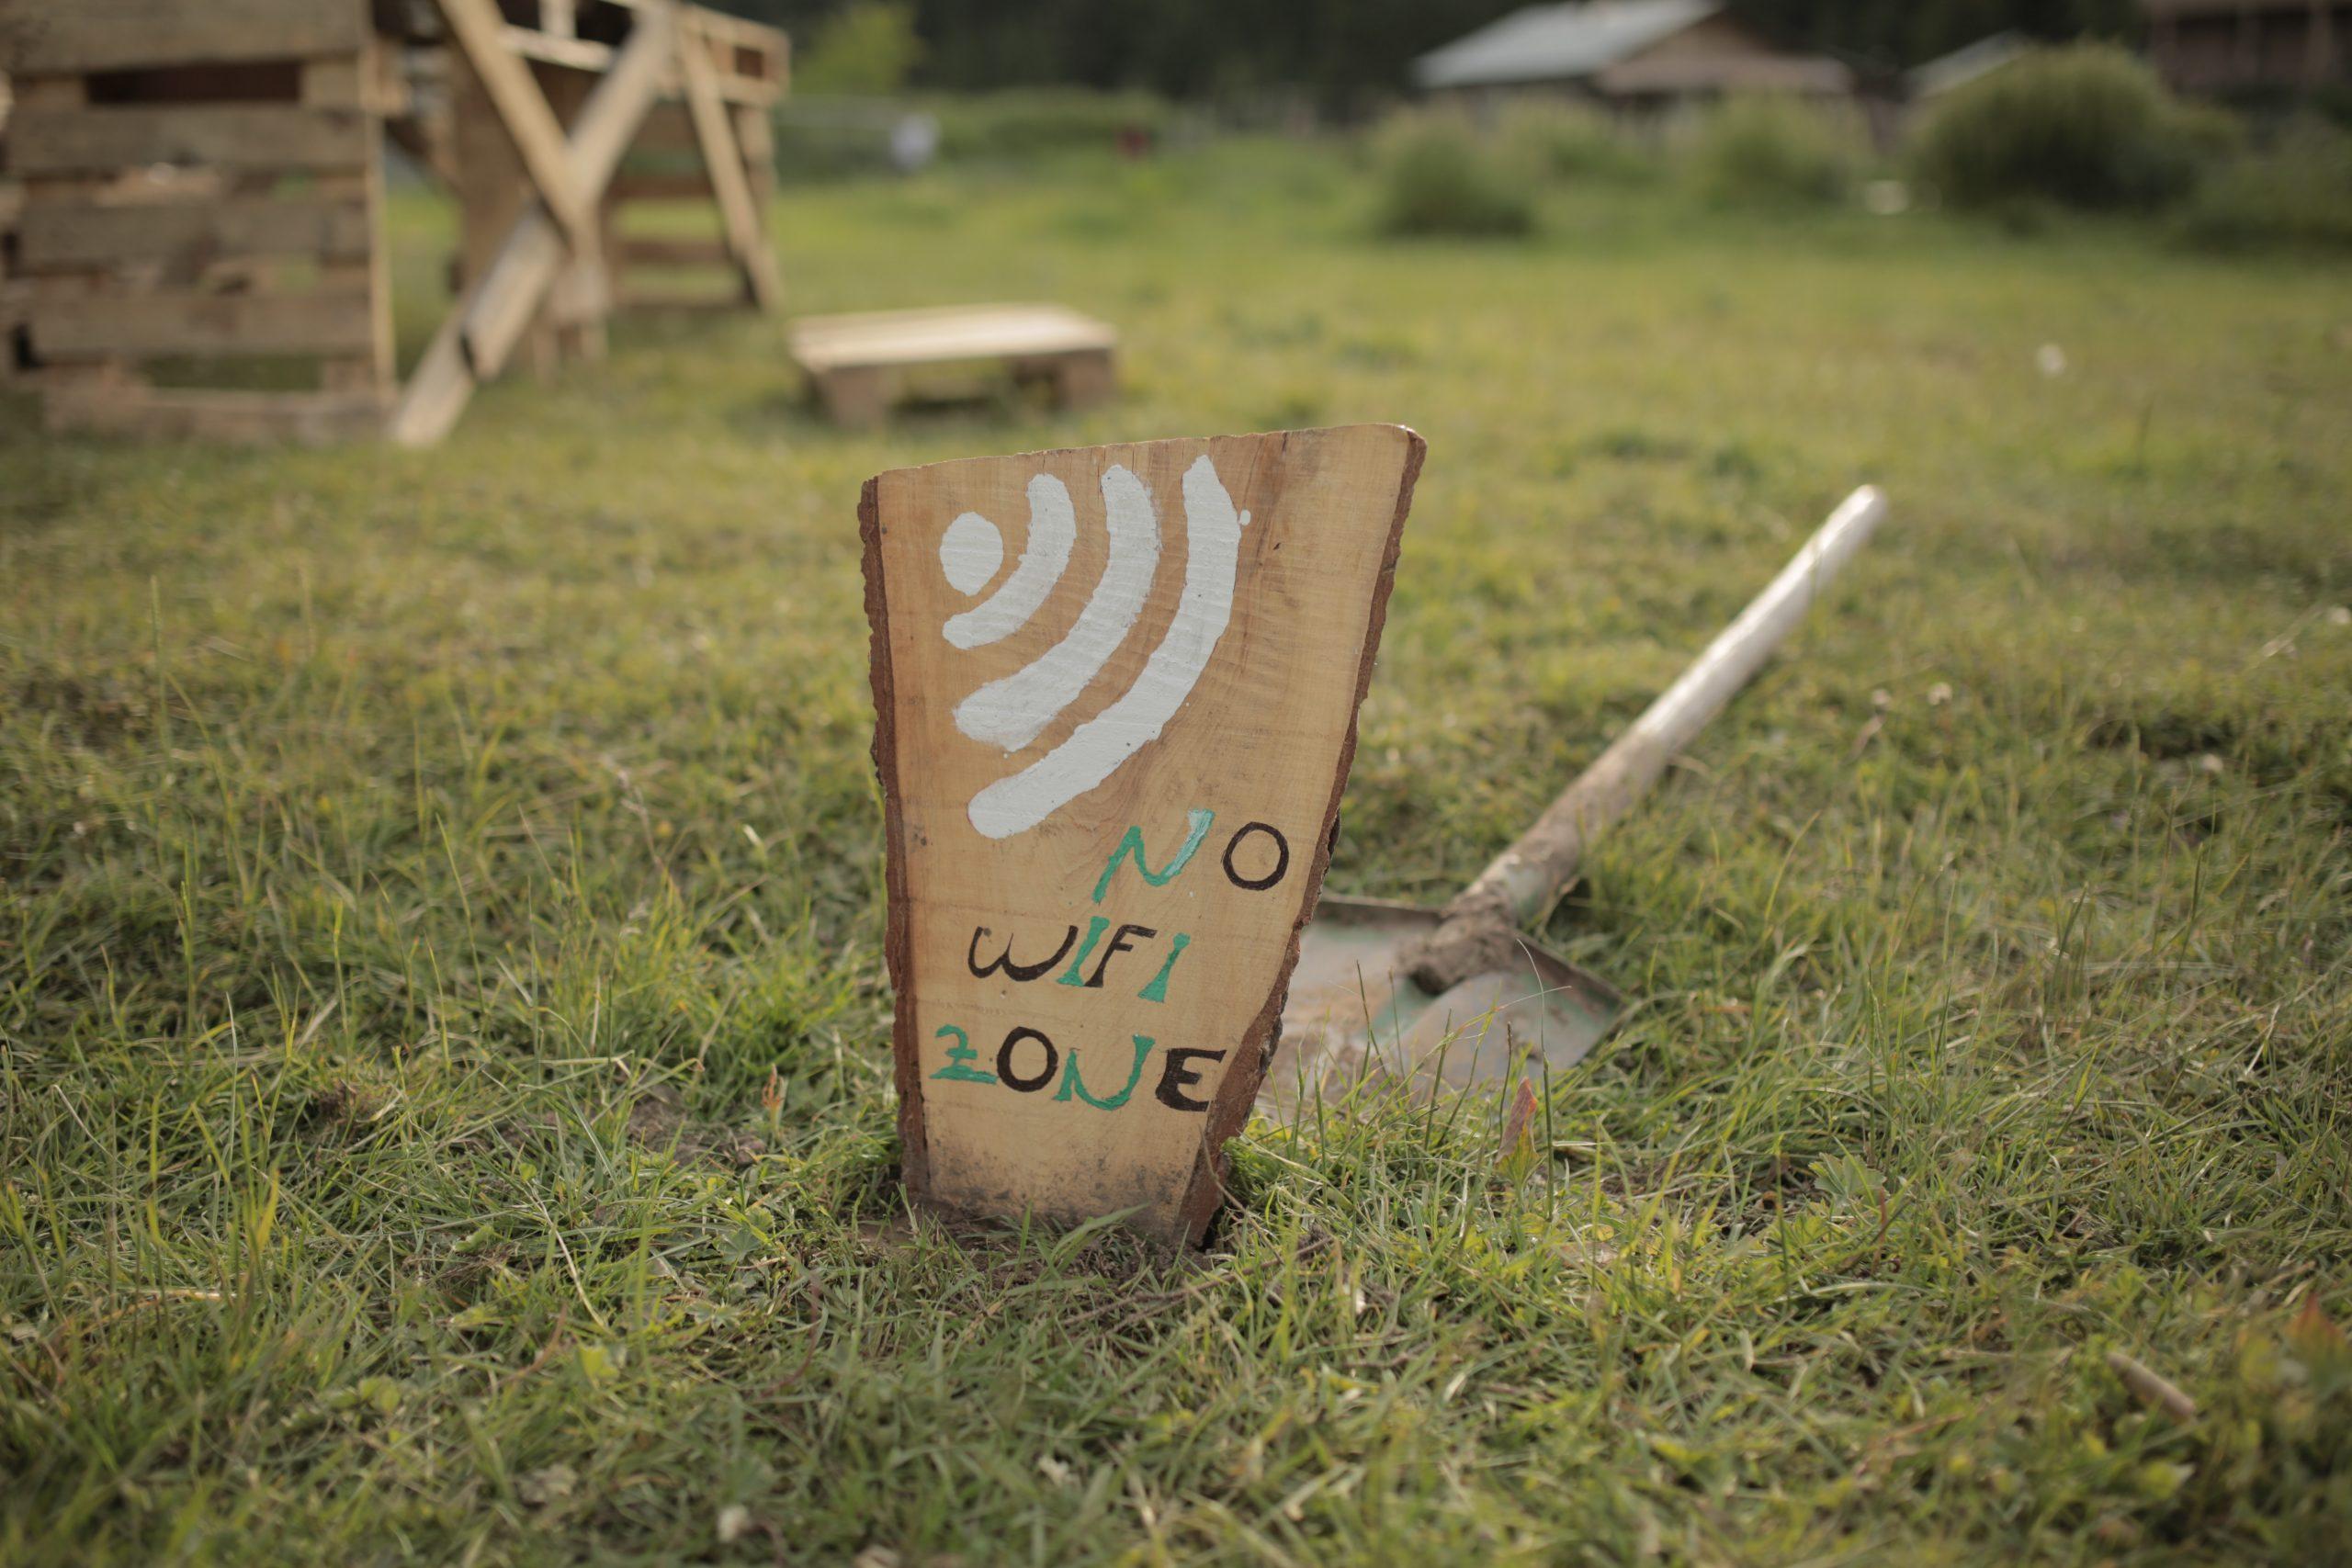 """Imagem mostra uma placa com os escritos """"no wifi zone""""."""